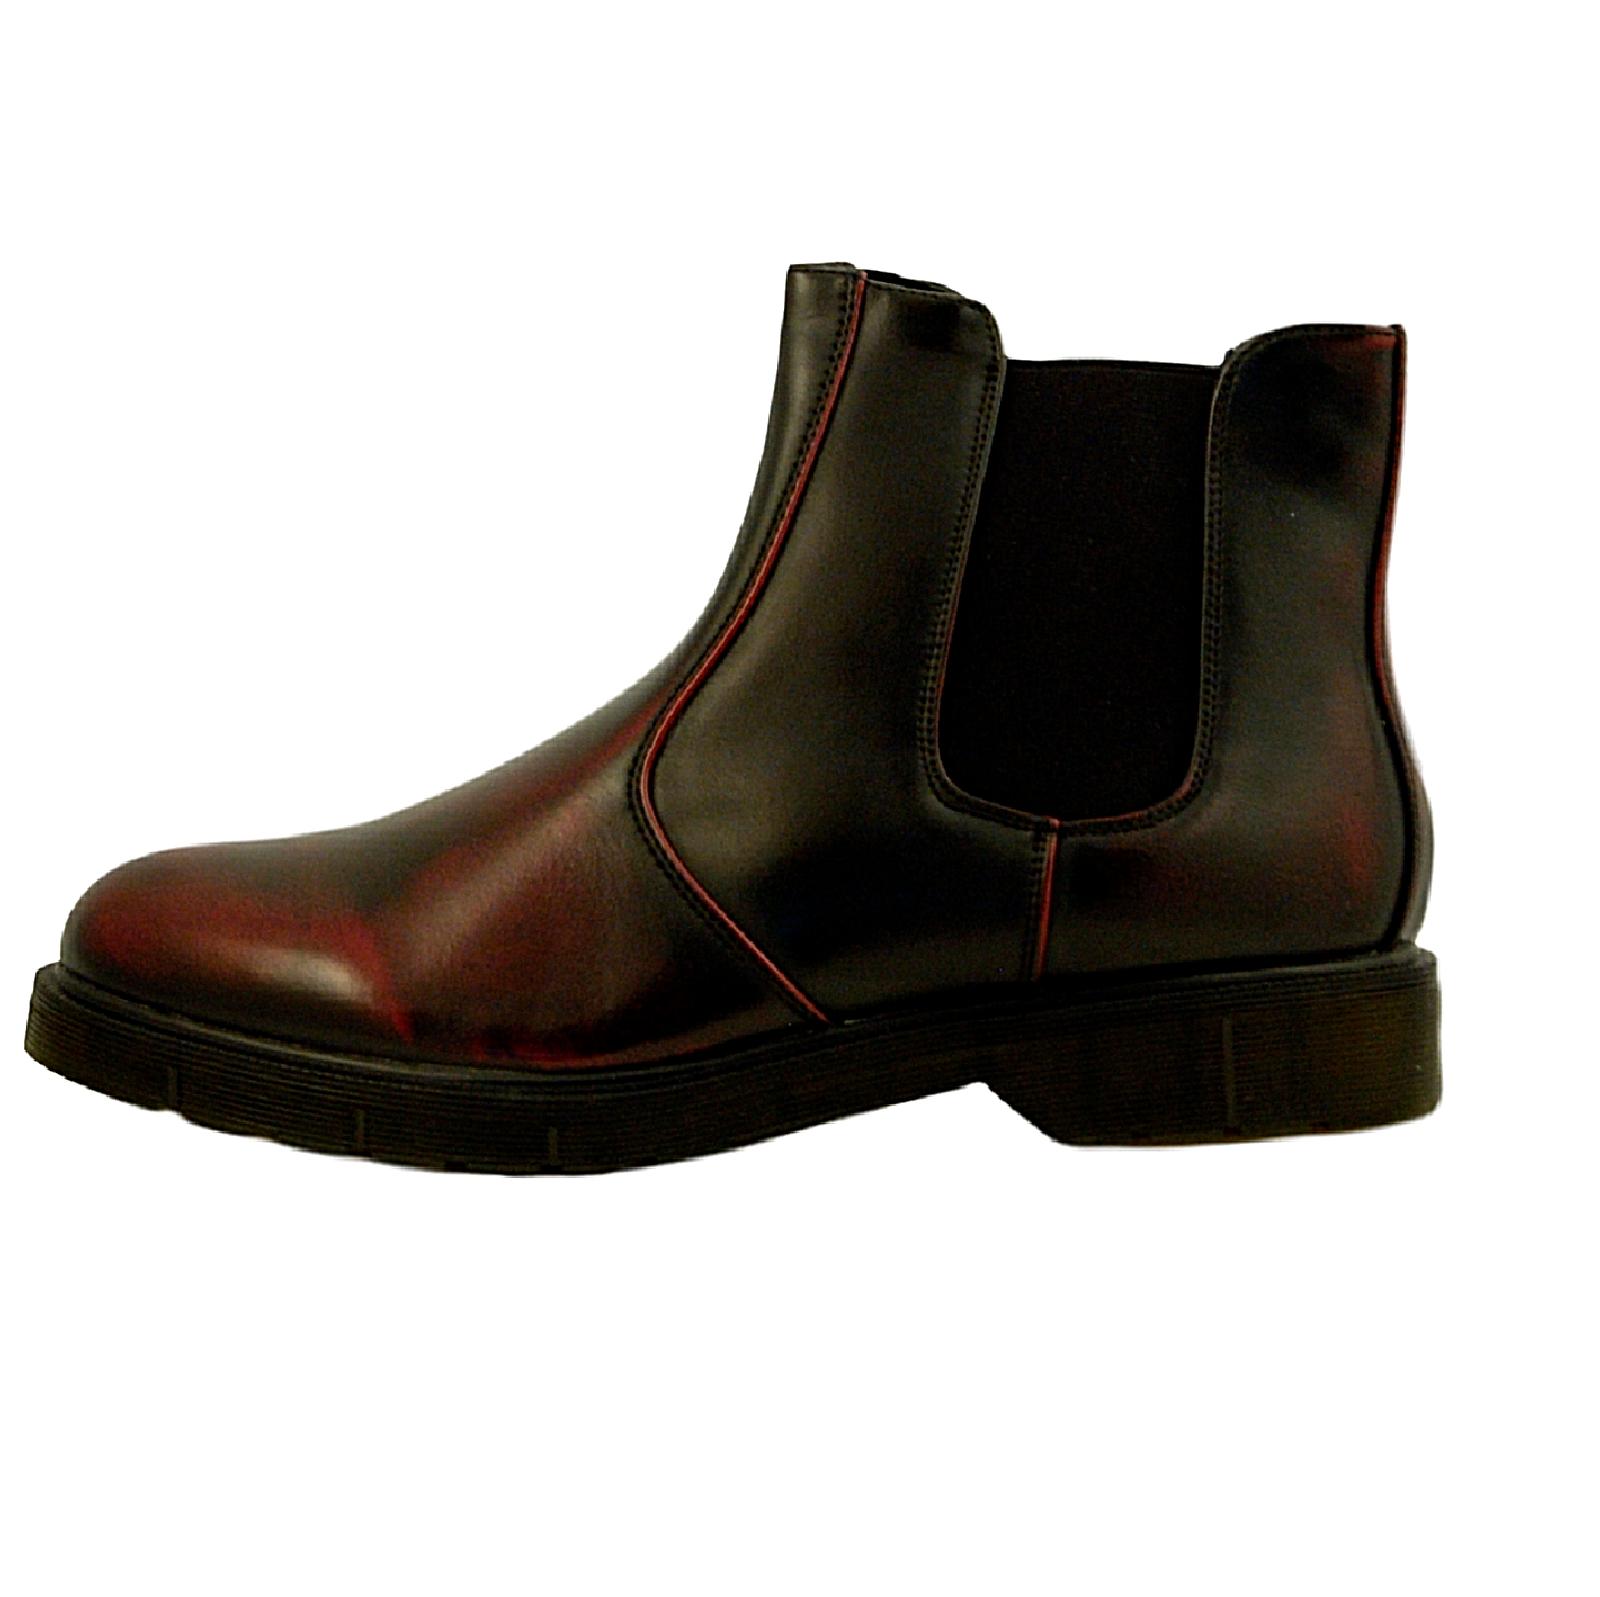 Stivaletti-Uomo-Scarpe-Eleganti-Casual-Stivali-Blu-Nero-eco-Tronchetto-eco-pelle miniatura 11